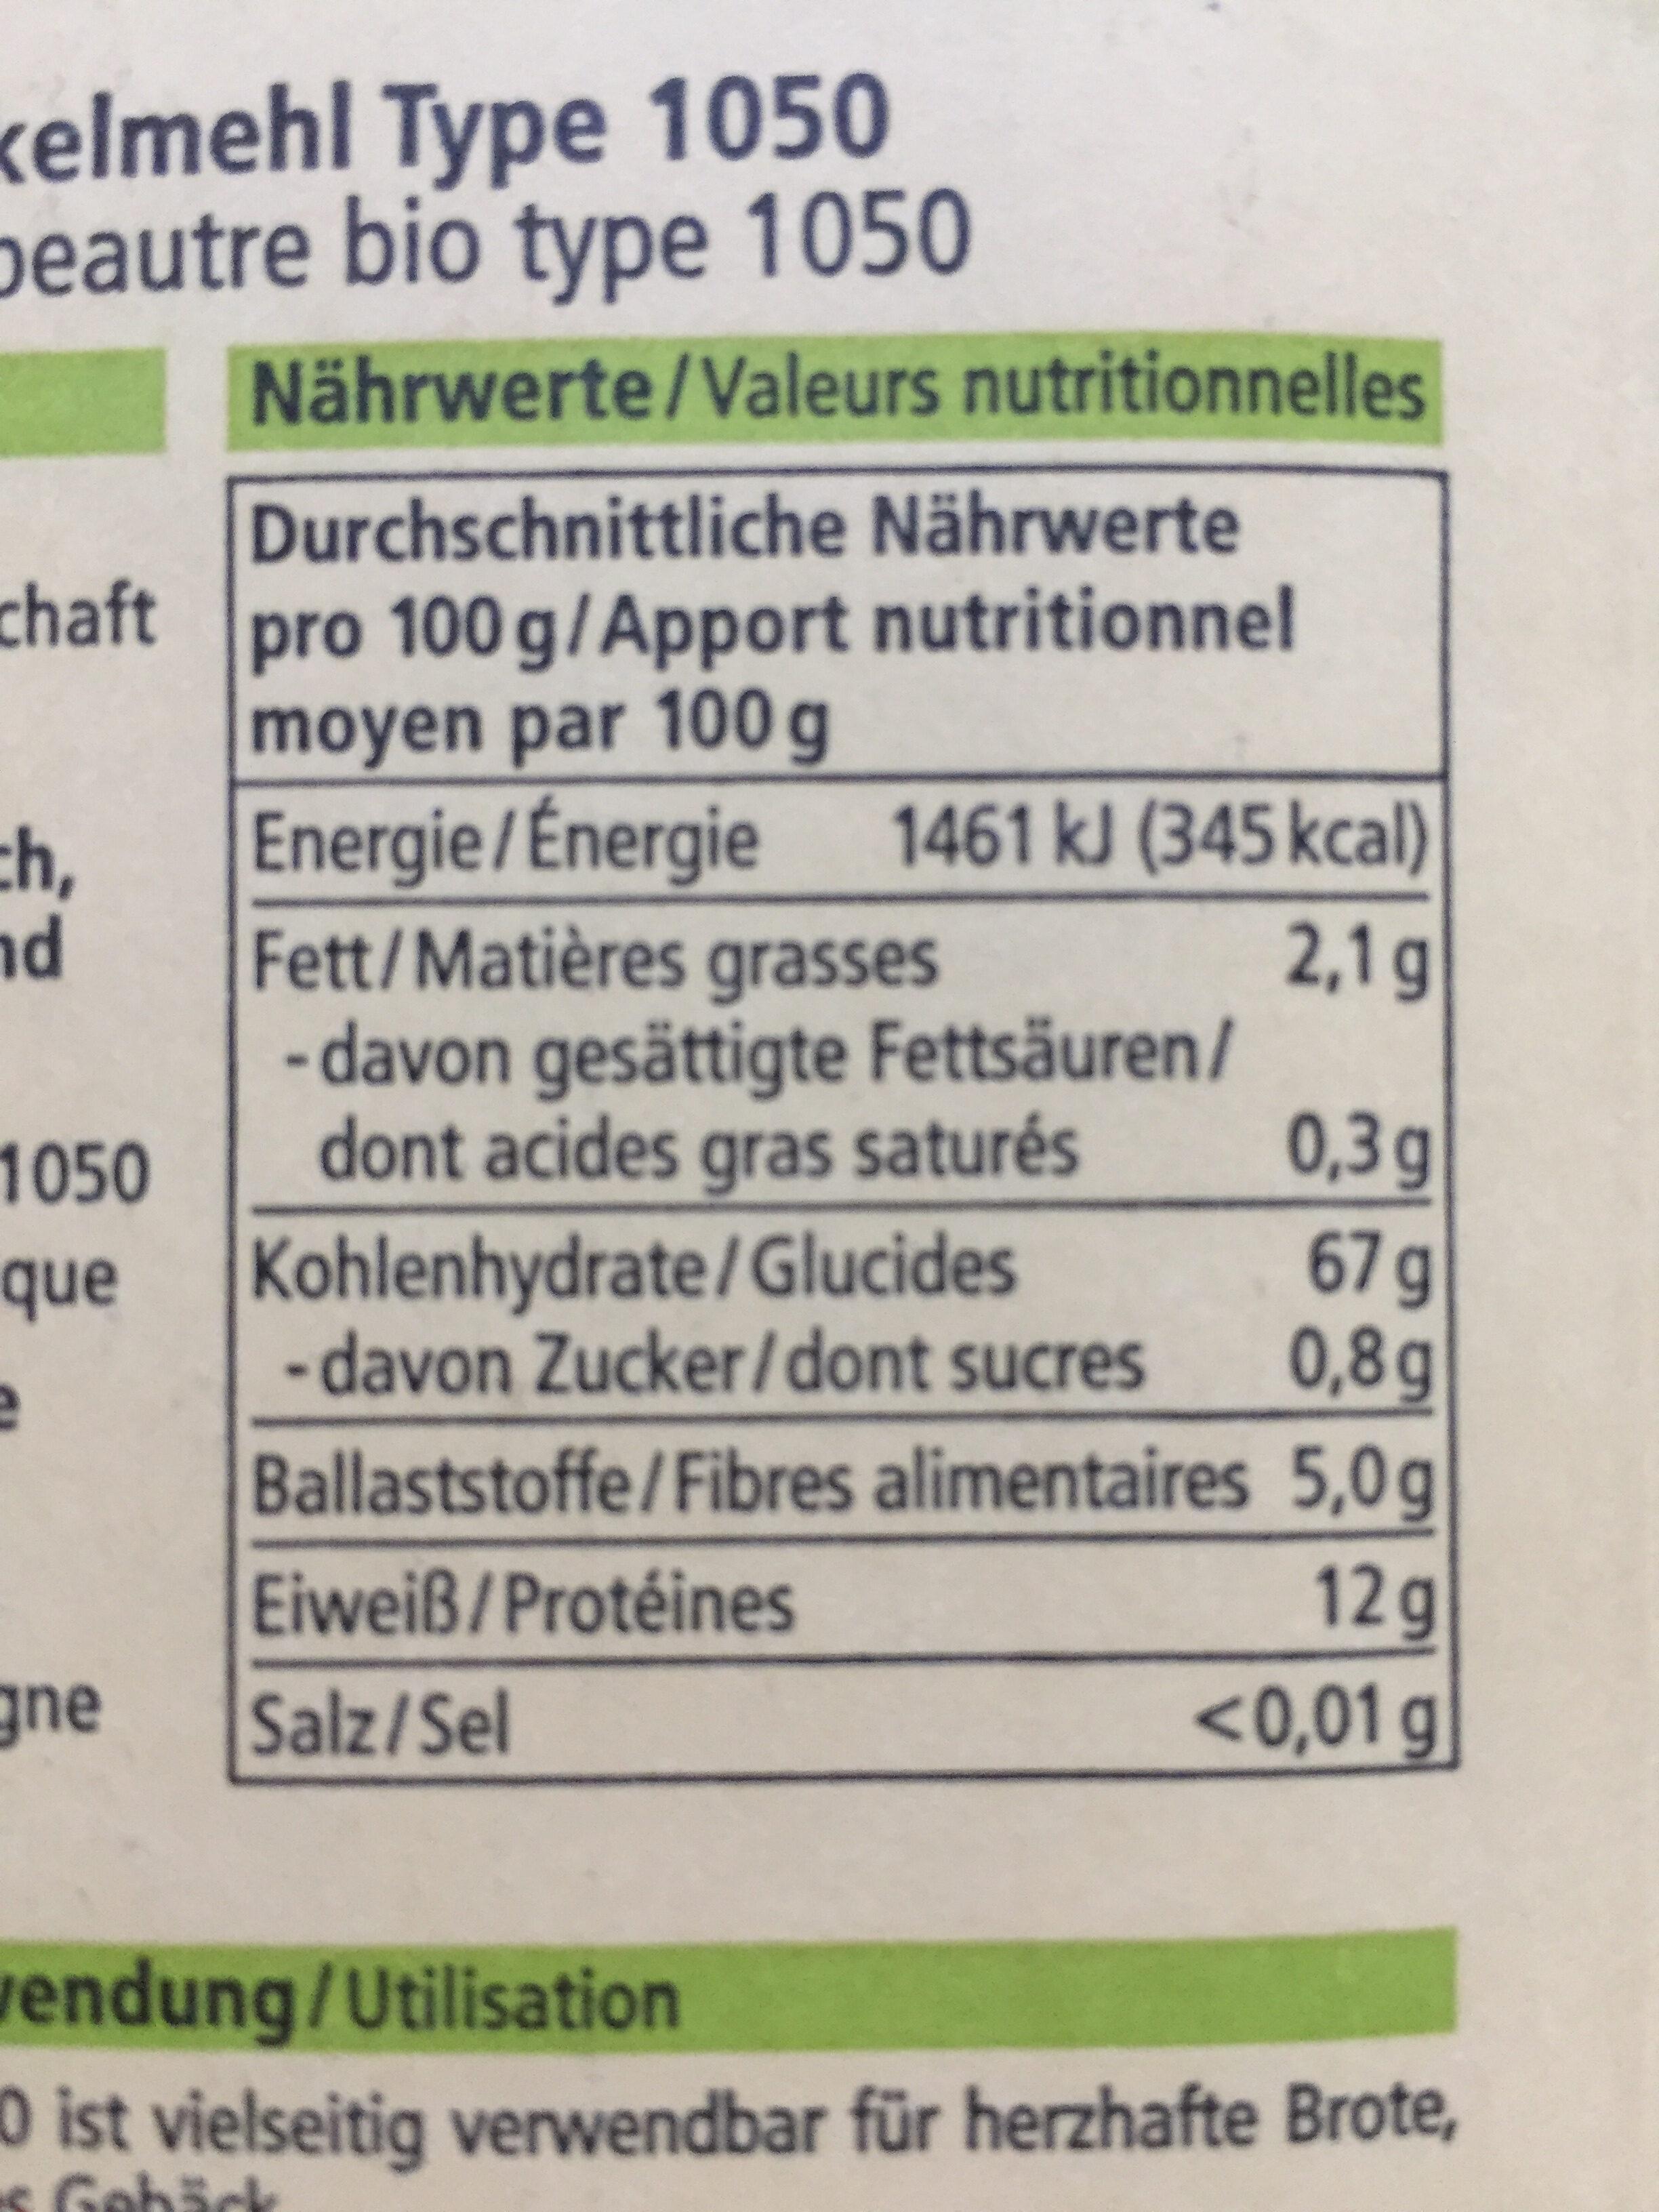 Dinkelmehl Type 1050 - Nutrition facts